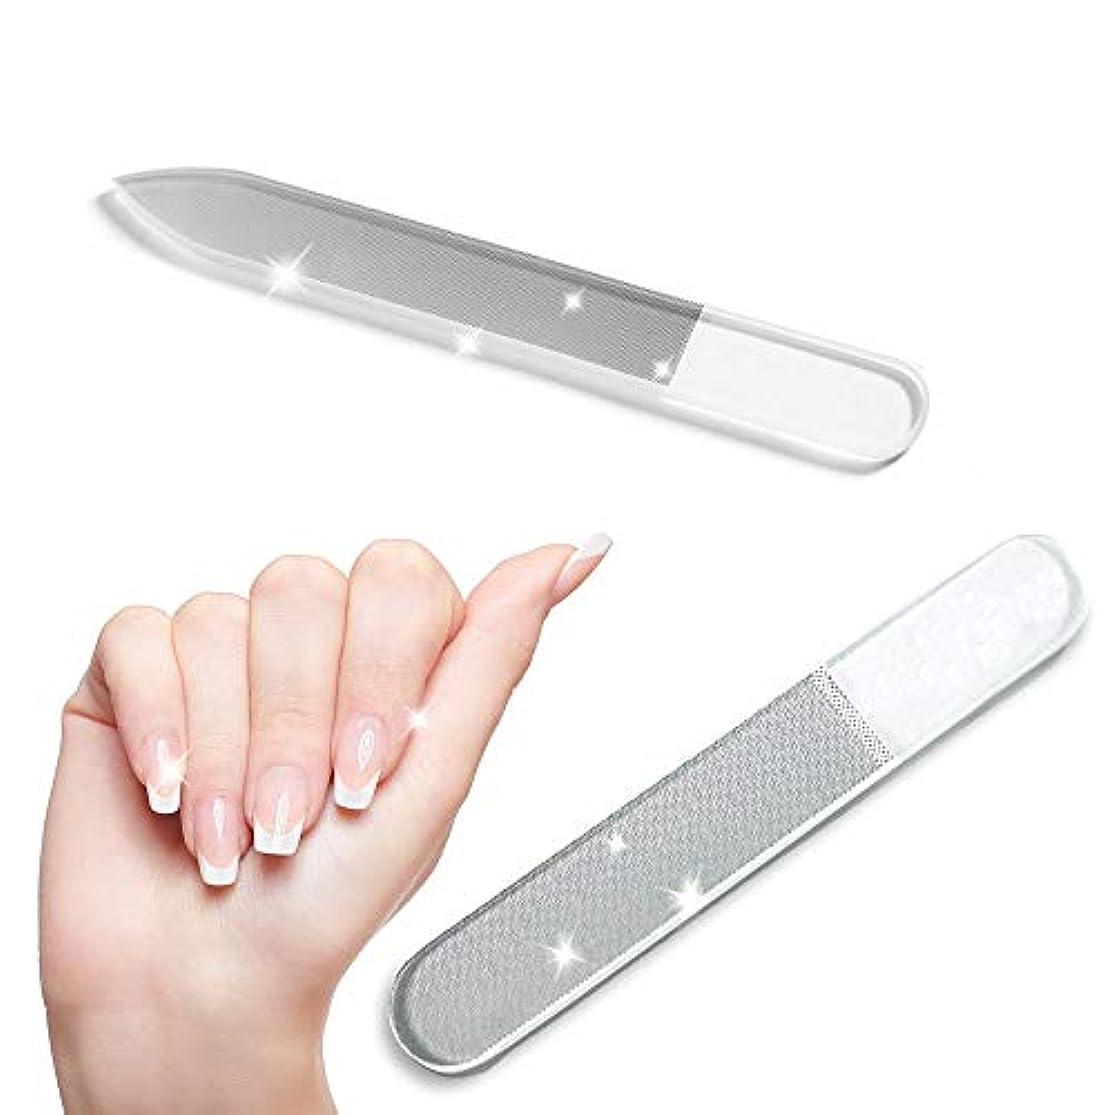 黙認する反映する呪われた【お得な2点セット】爪やすり ガラス 爪磨き ツヤ出し ケース付属 ネイルシャイナー